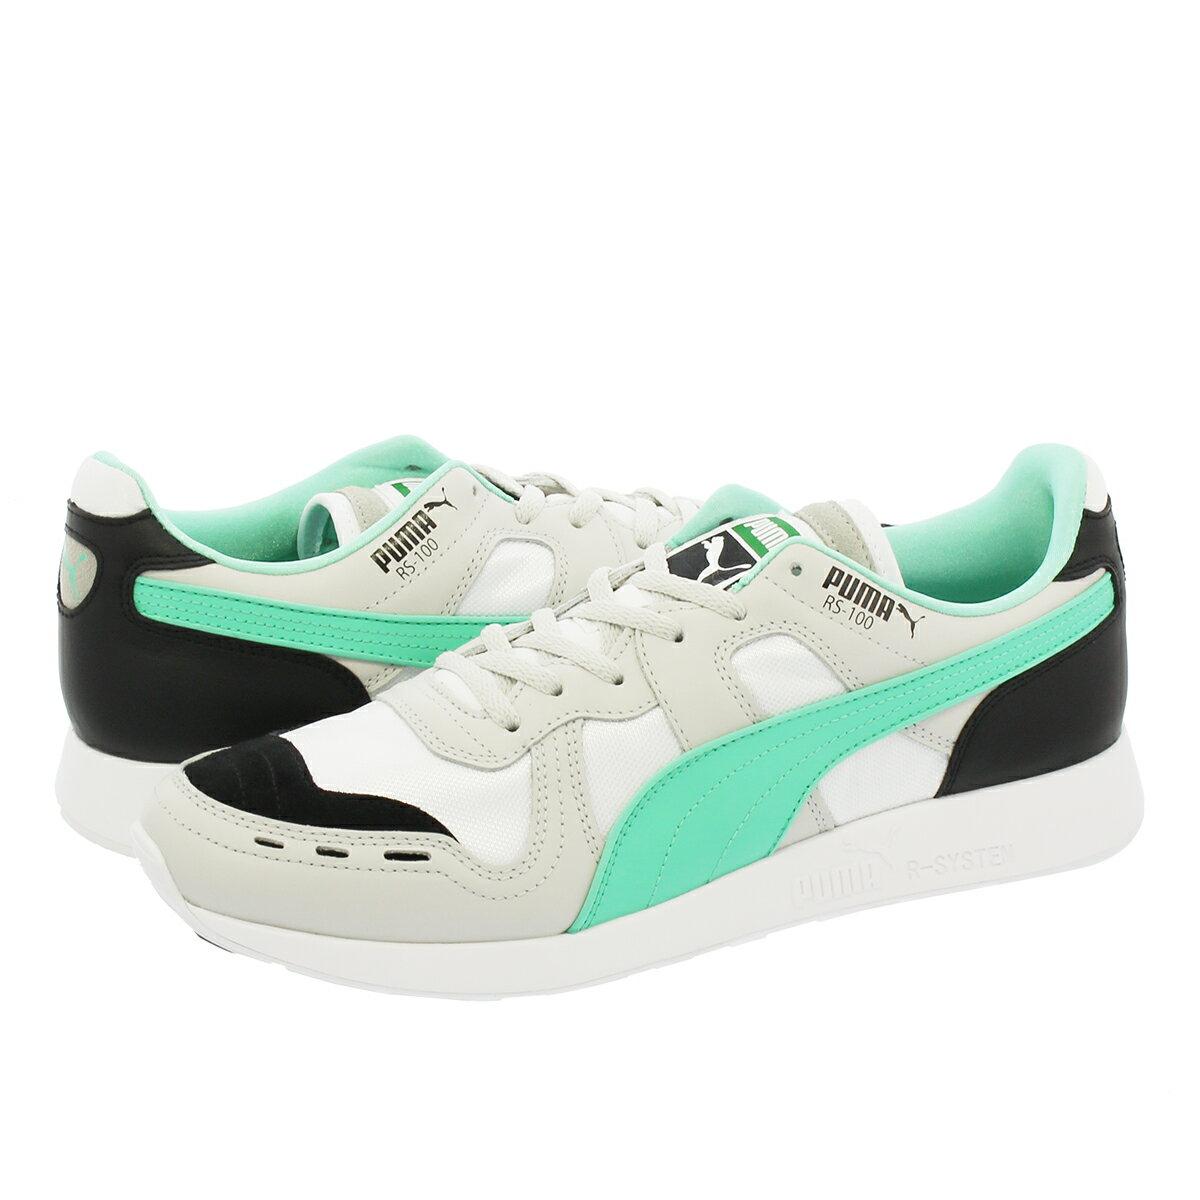 メンズ靴, スニーカー PUMA RS-100 RE-INVENTION RS-0 PUMA BLACKGRAY VIOLETPUMA WHITE 367913-01